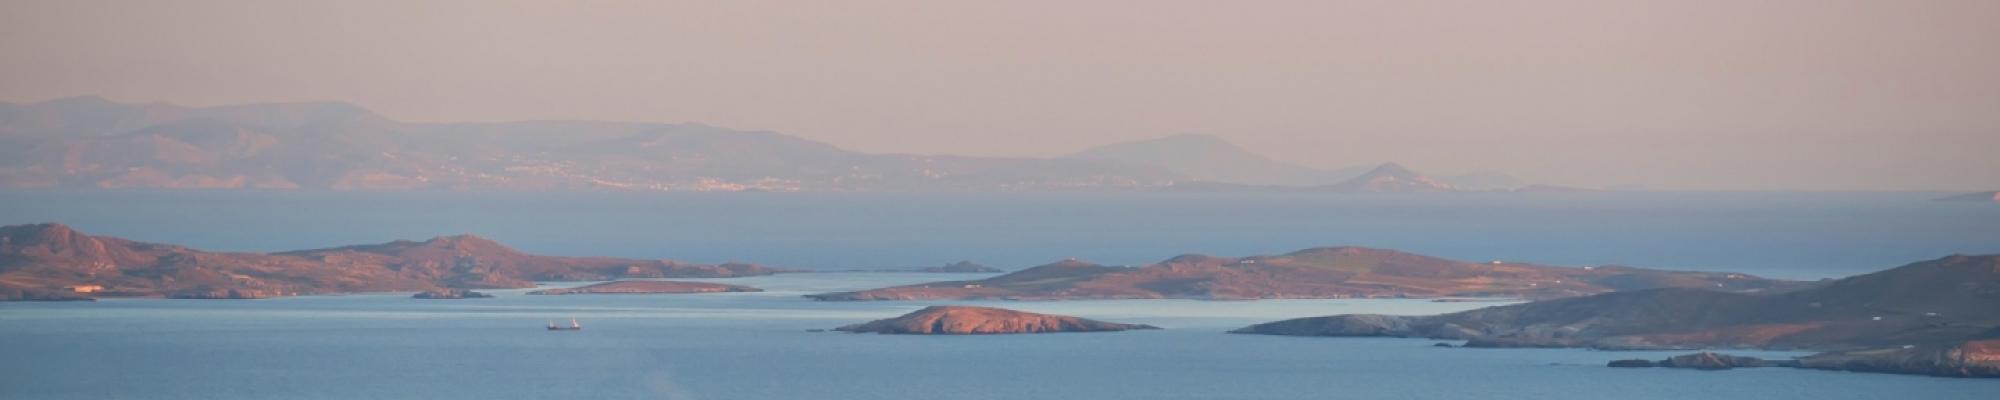 Voyage sur mesure Grèce authentique